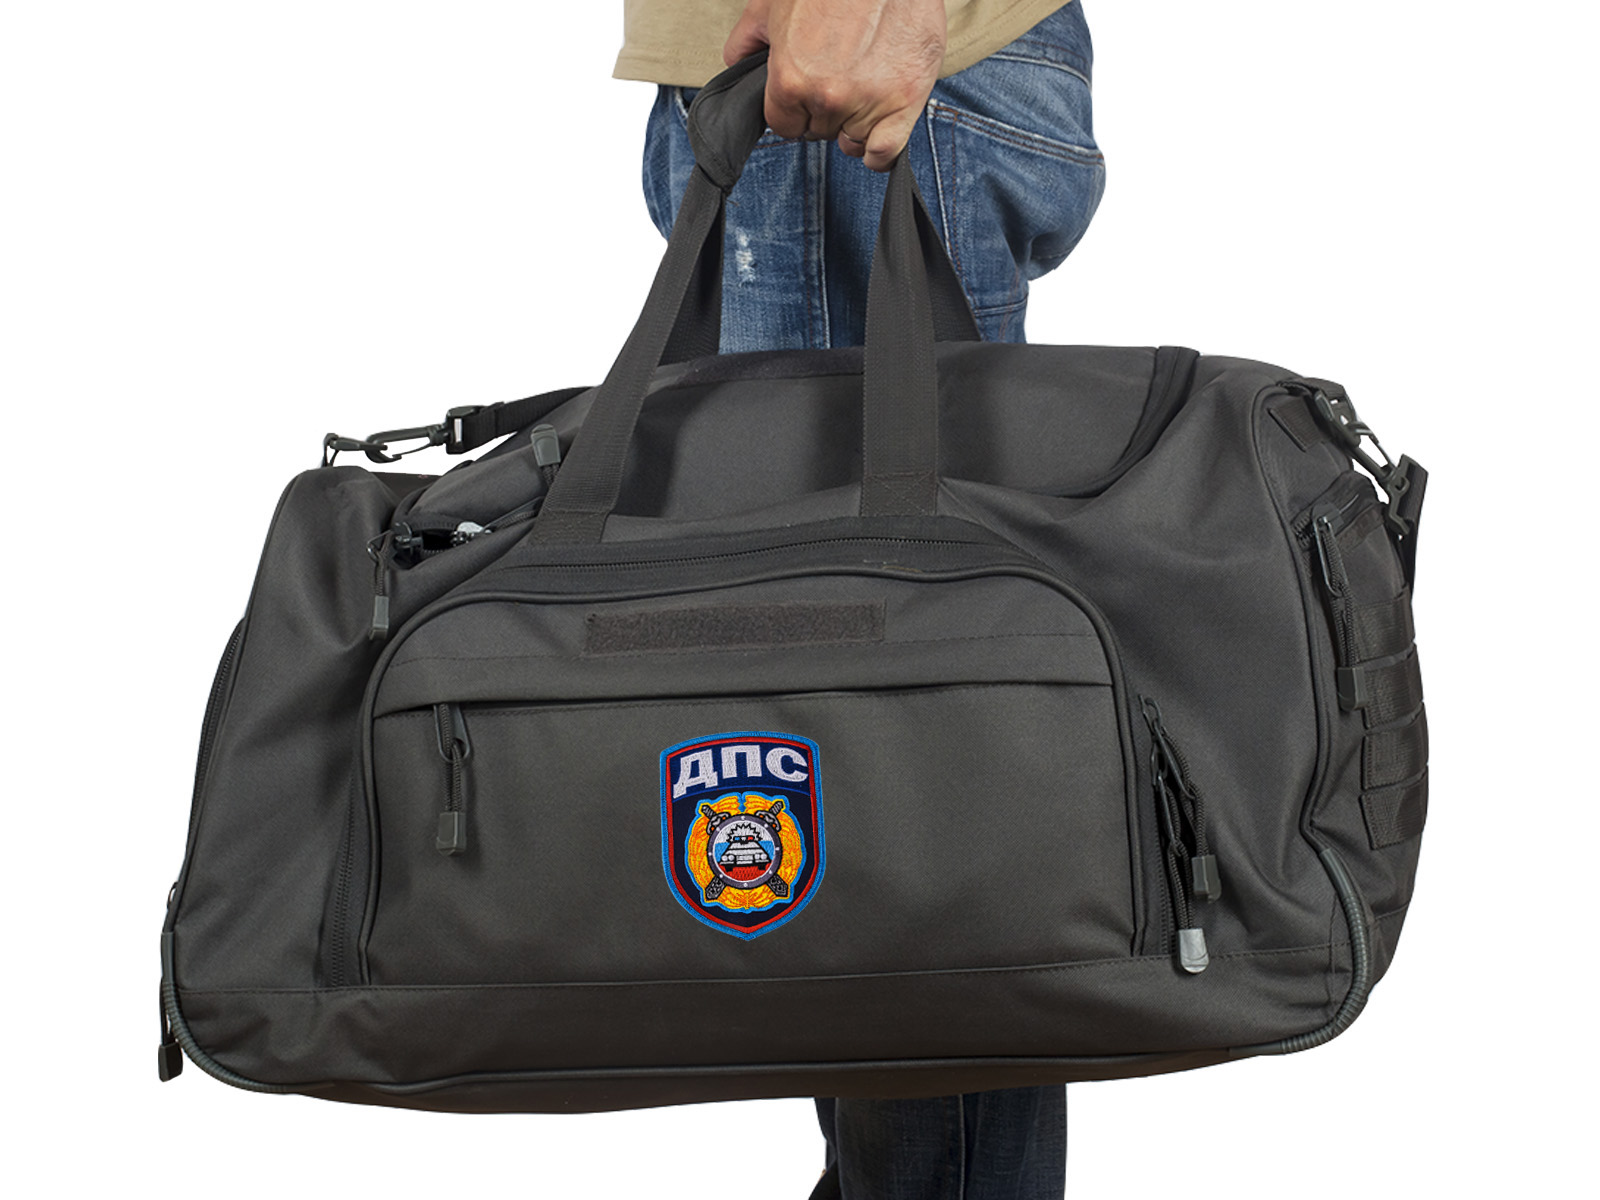 Купить эргономичную темно-серую сумку с нашивкой ДПС 08032B по лучшей цене